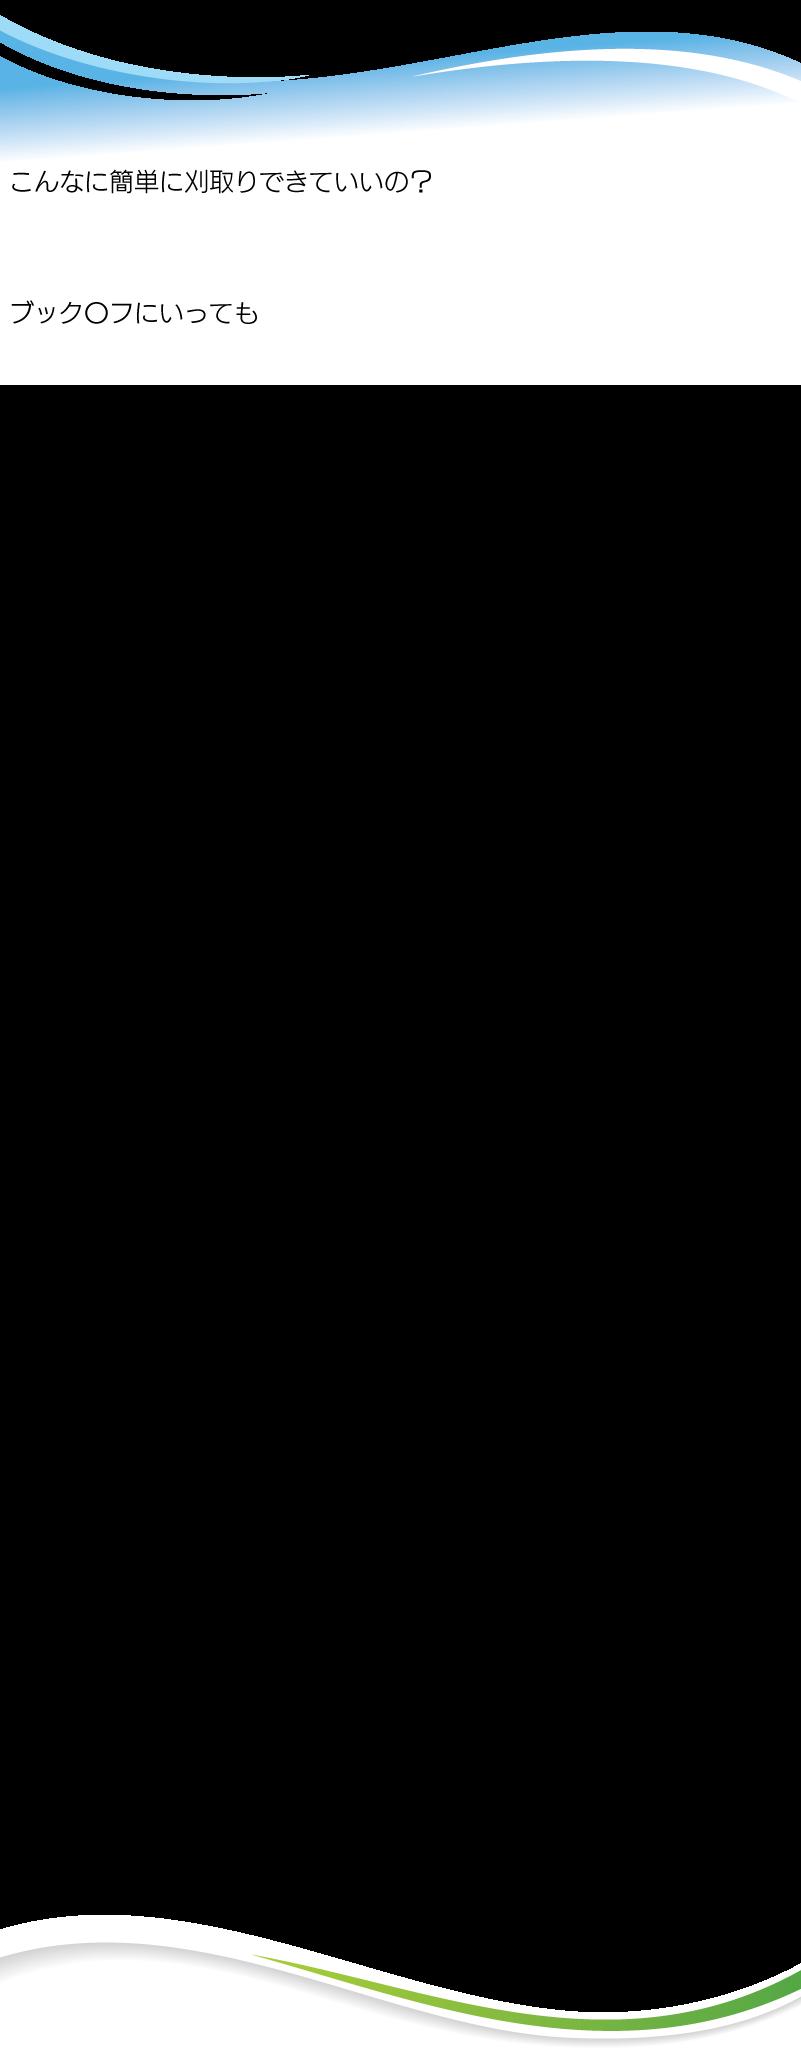 ama14-08